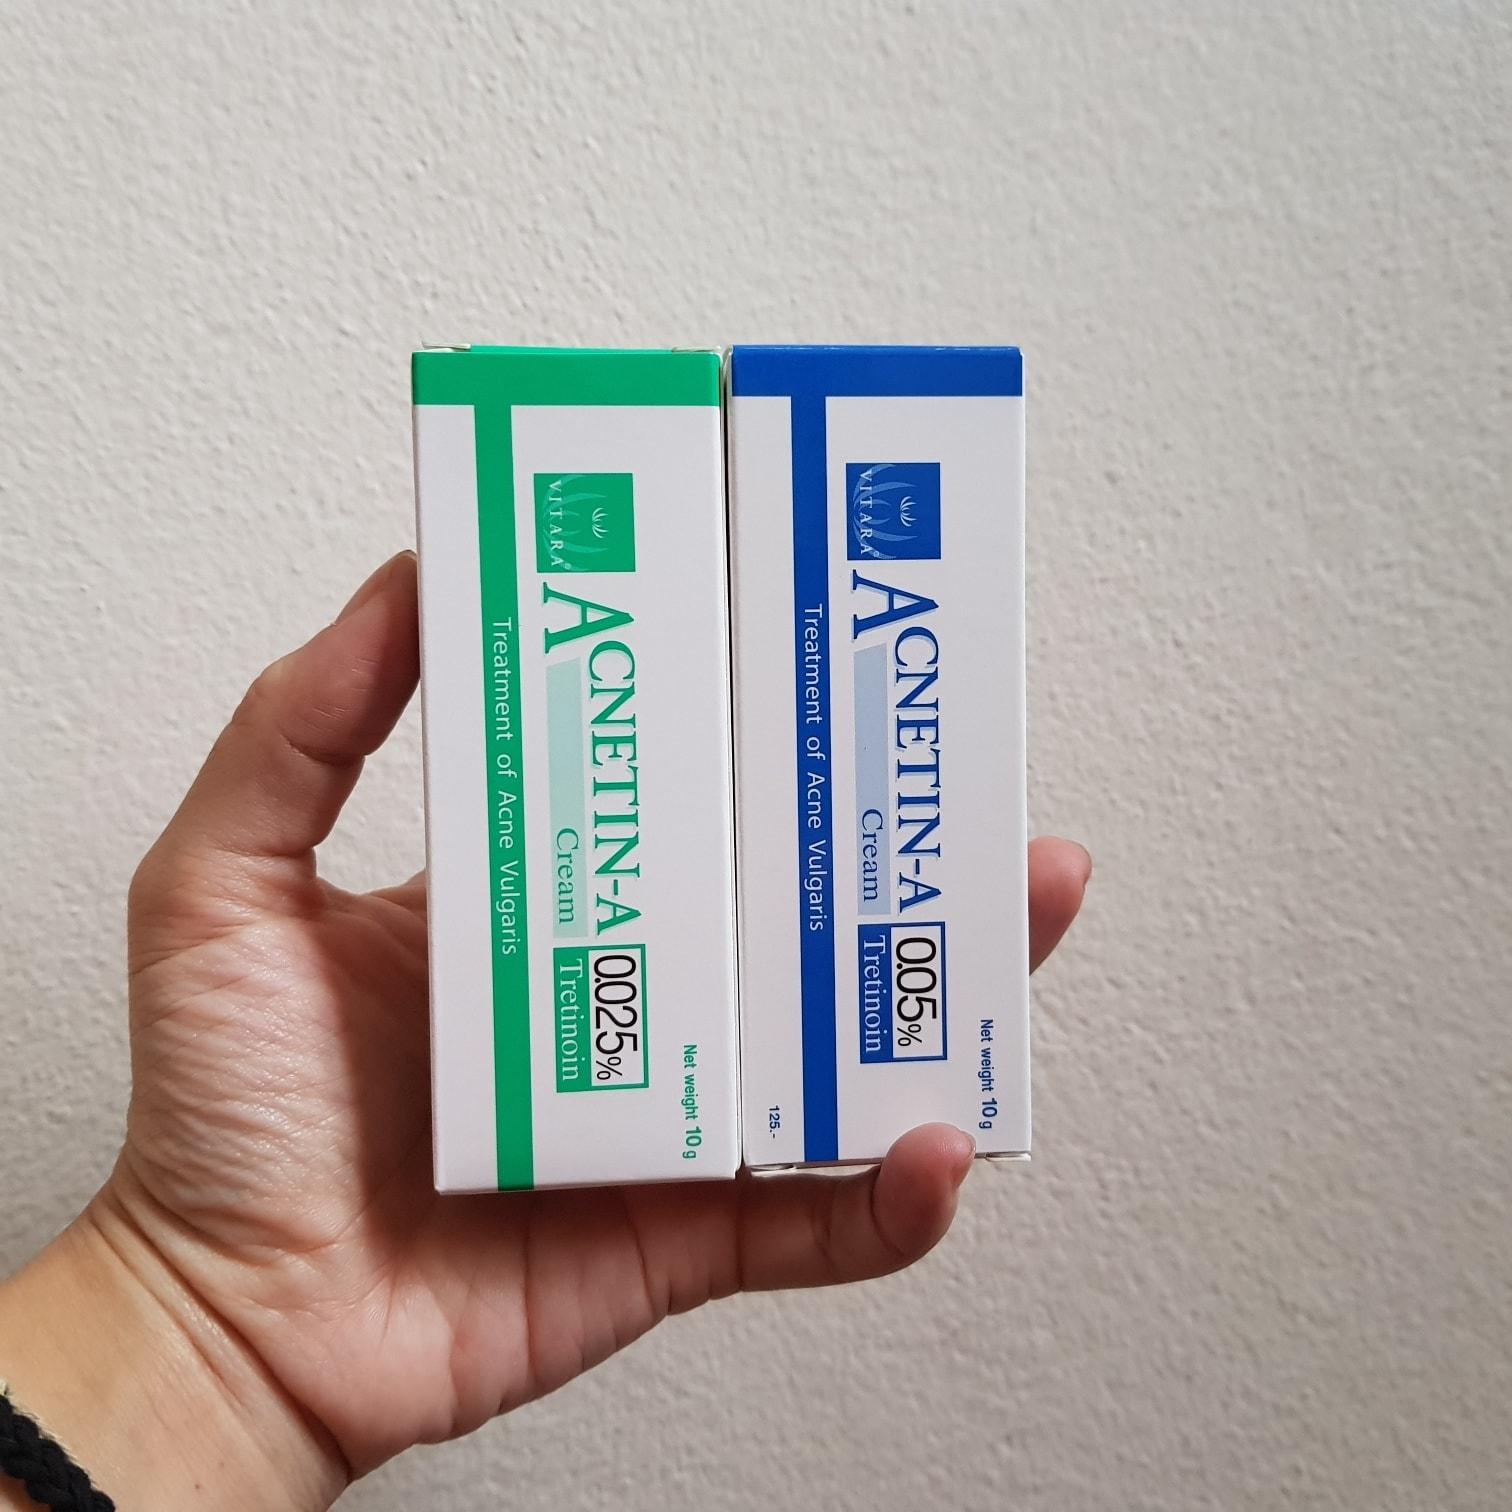 แนะนำ 3 ยาลดสิวอุดตันที่มี Tretinoin วิตามินเอ